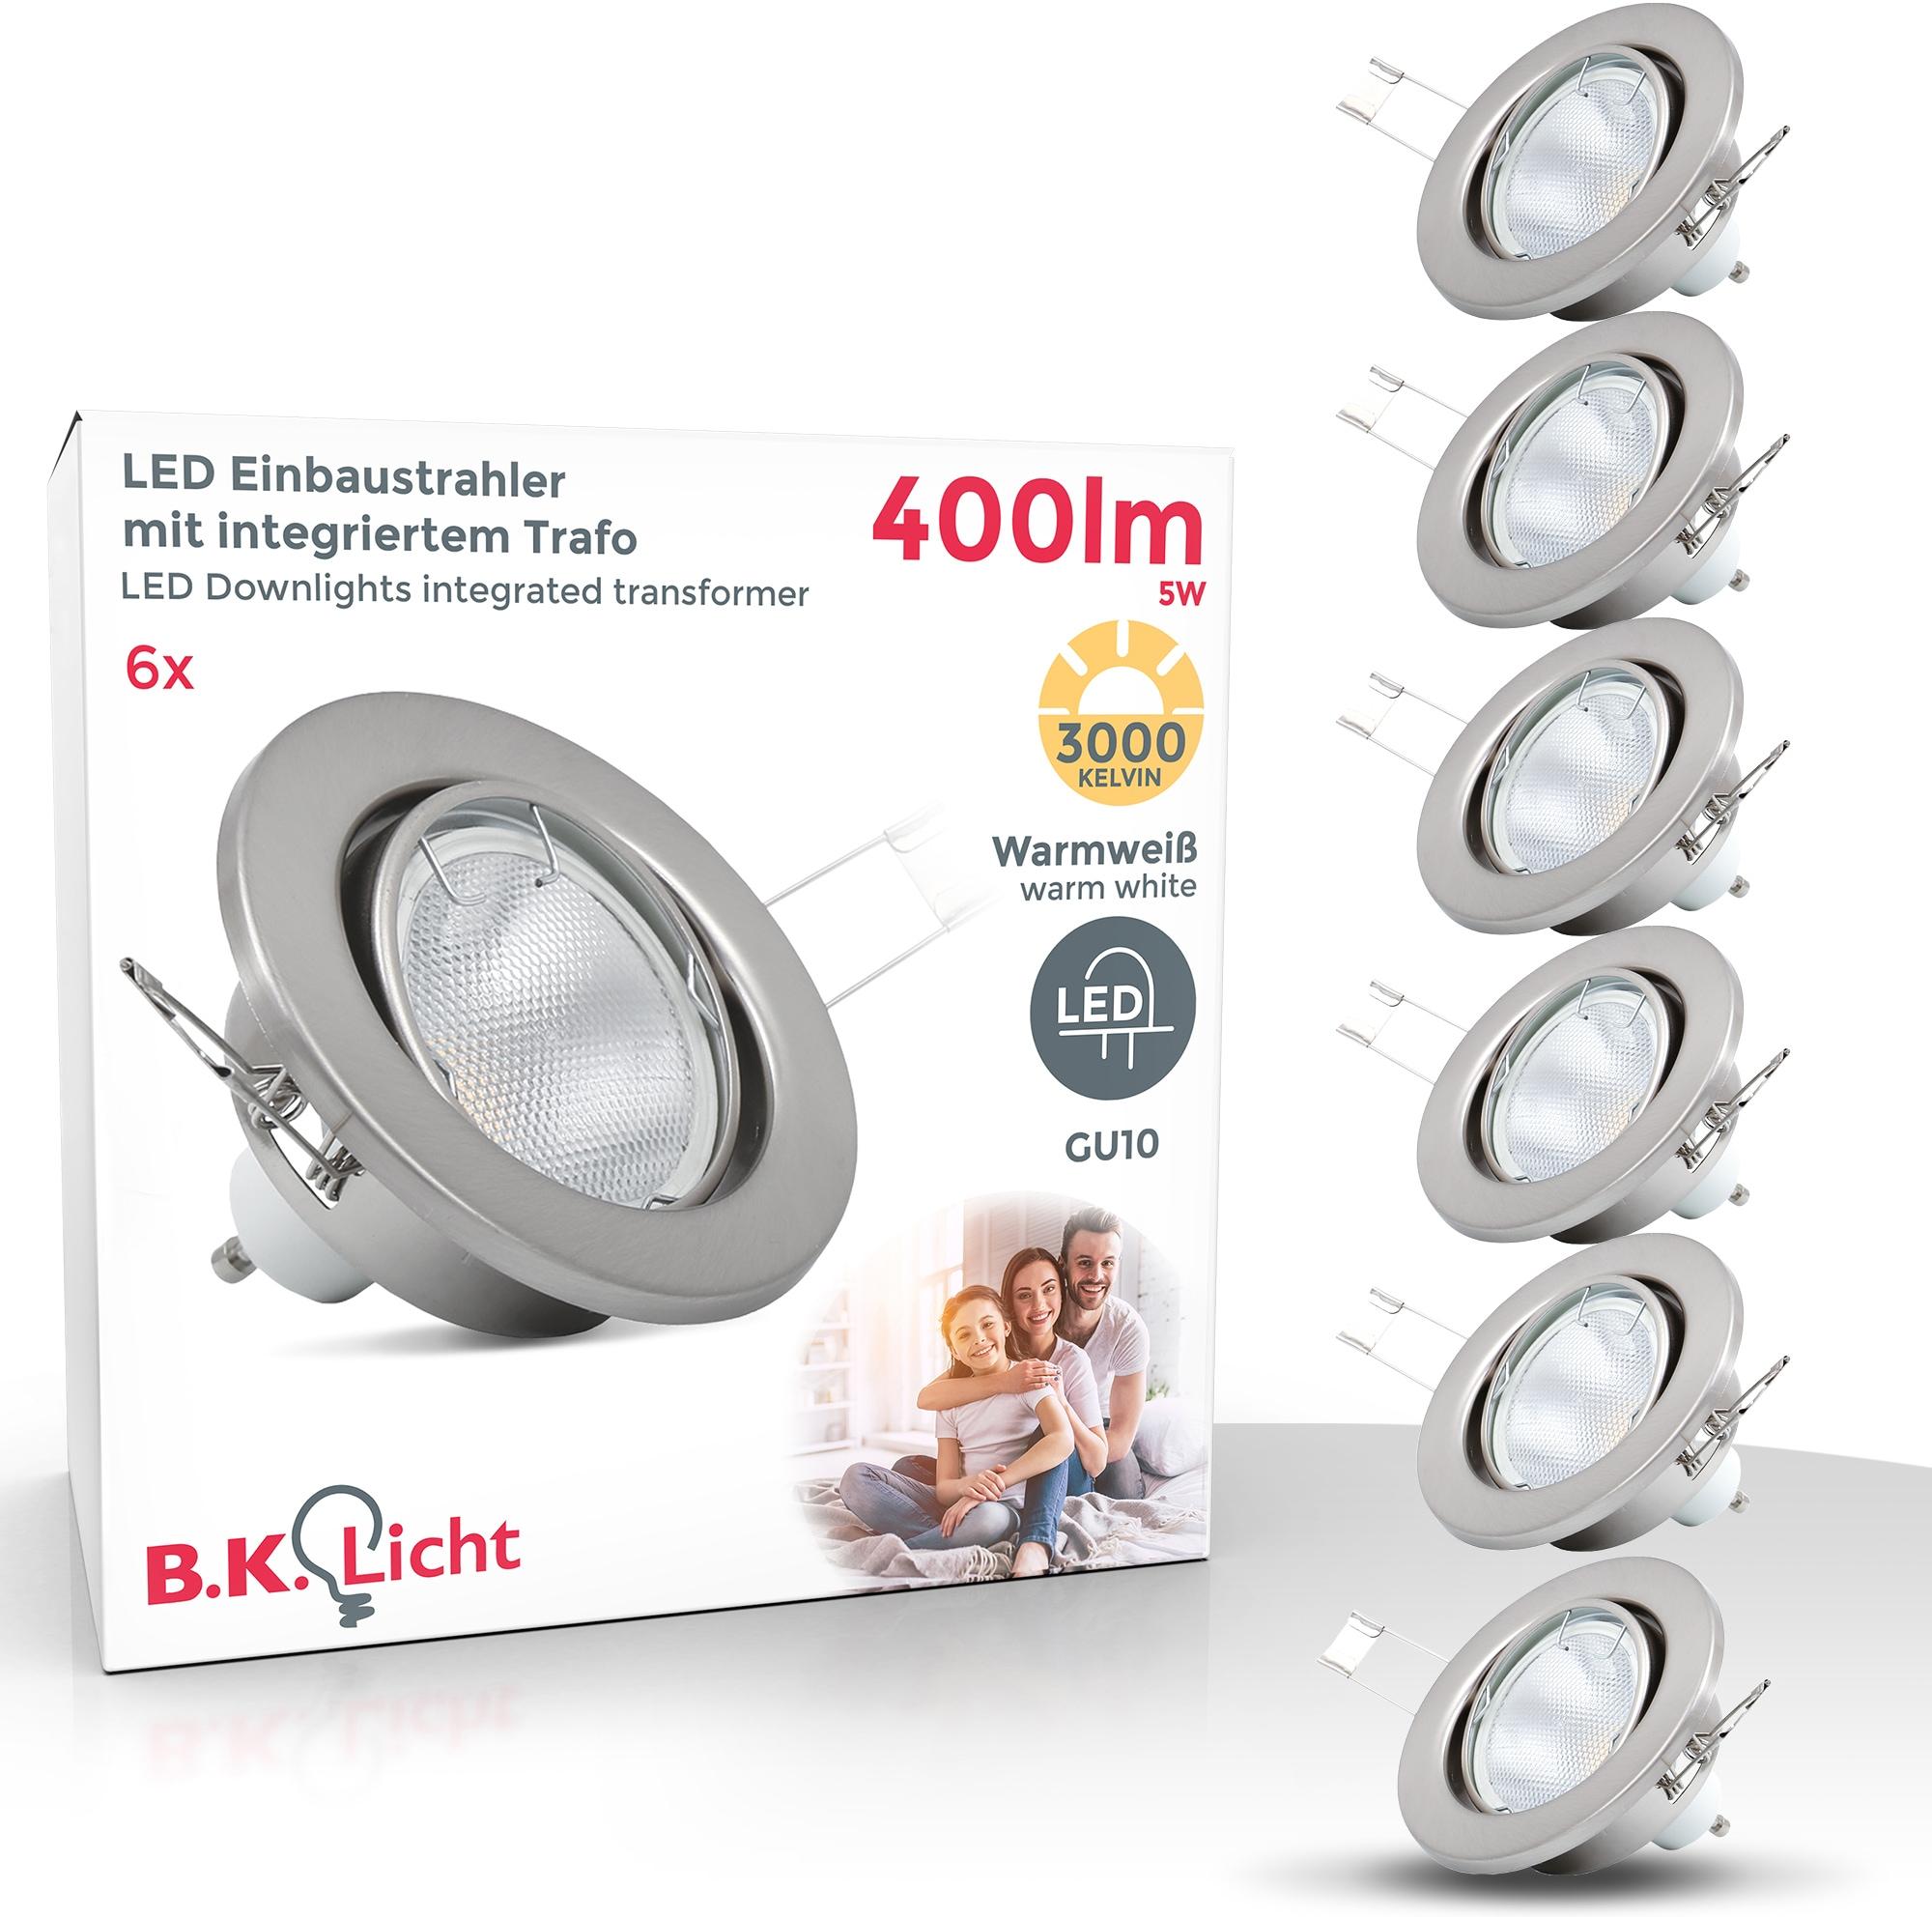 B.K.Licht LED Einbaustrahler, GU10, 6 St., Warmweiß, LED Einbauleuchte schwenkbar Nickel matt Decken-Spot Einbau-Leuchte GU10 inkl. 5W 400lm